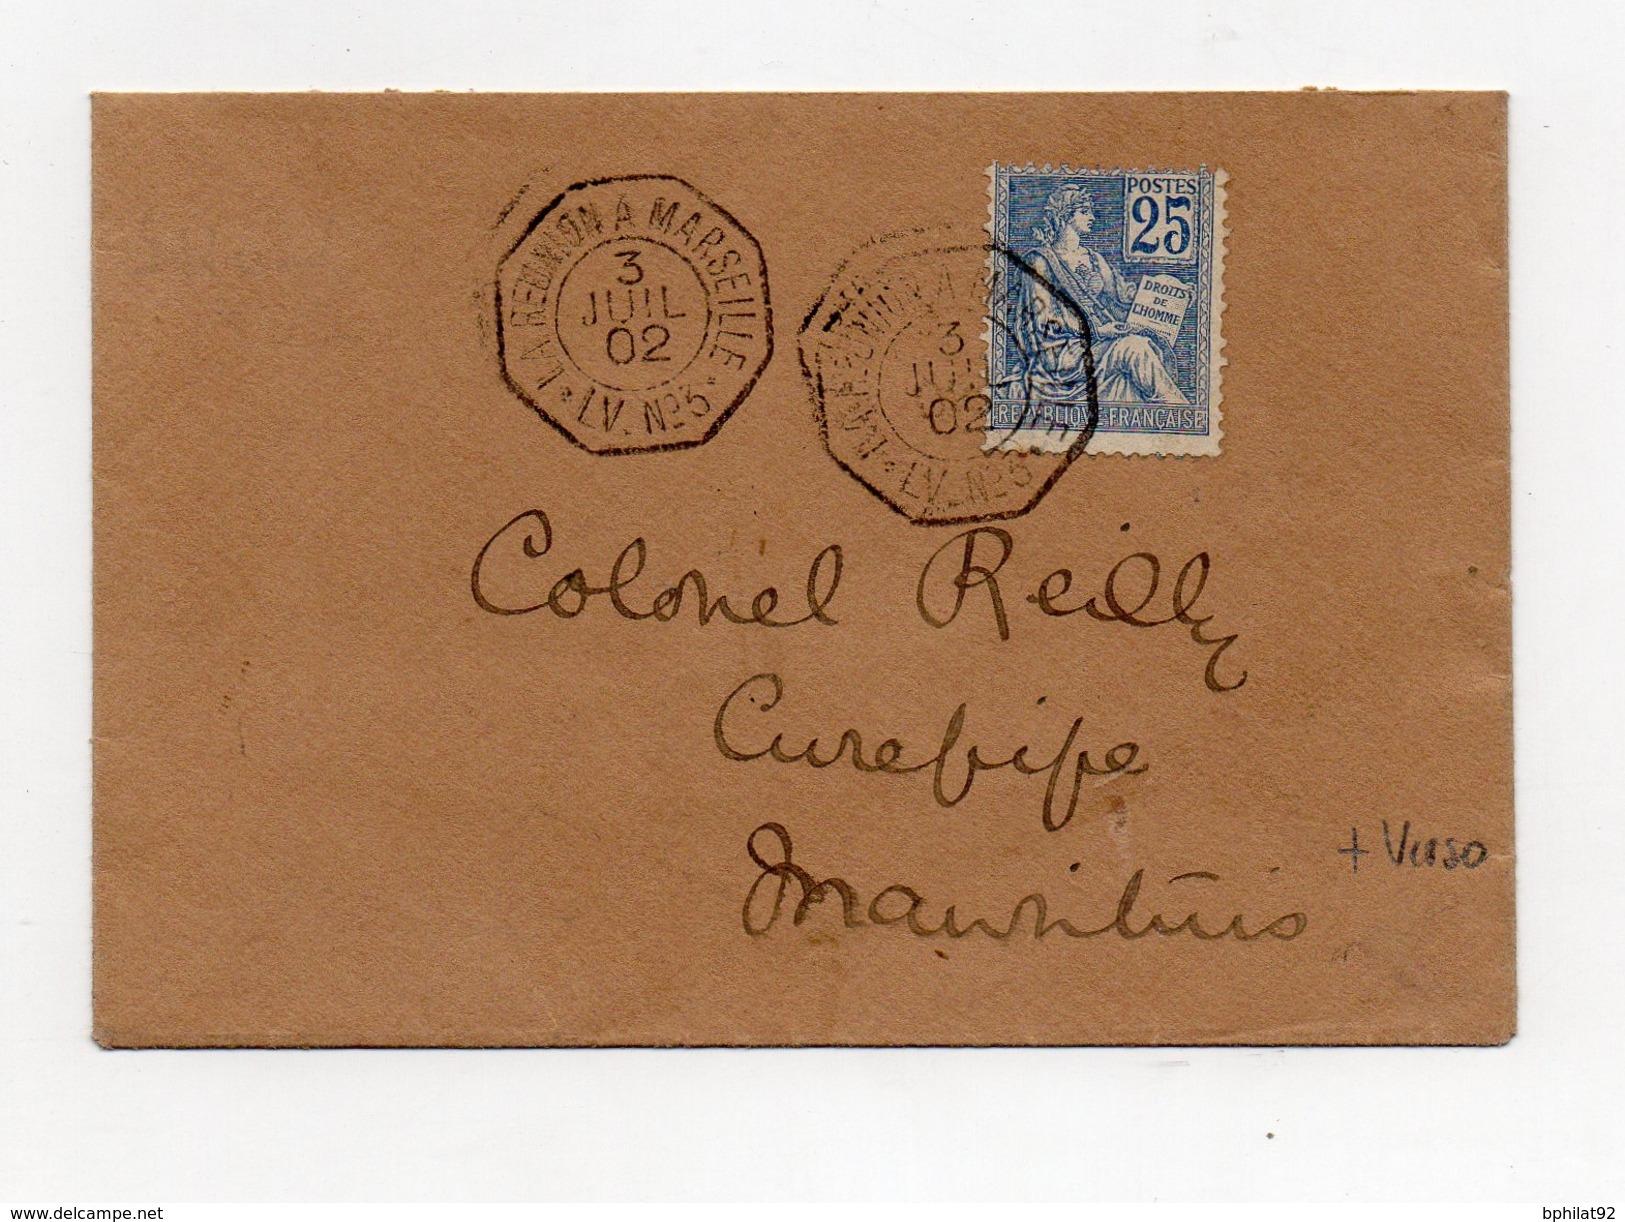 !!! 25C MOUCHON SUR LETTRE POUR MAURICE, CACHET MARITIME LA REUNION A MARSEILLE, LV N°3, 3/7/1902 - Marcophilie (Lettres)